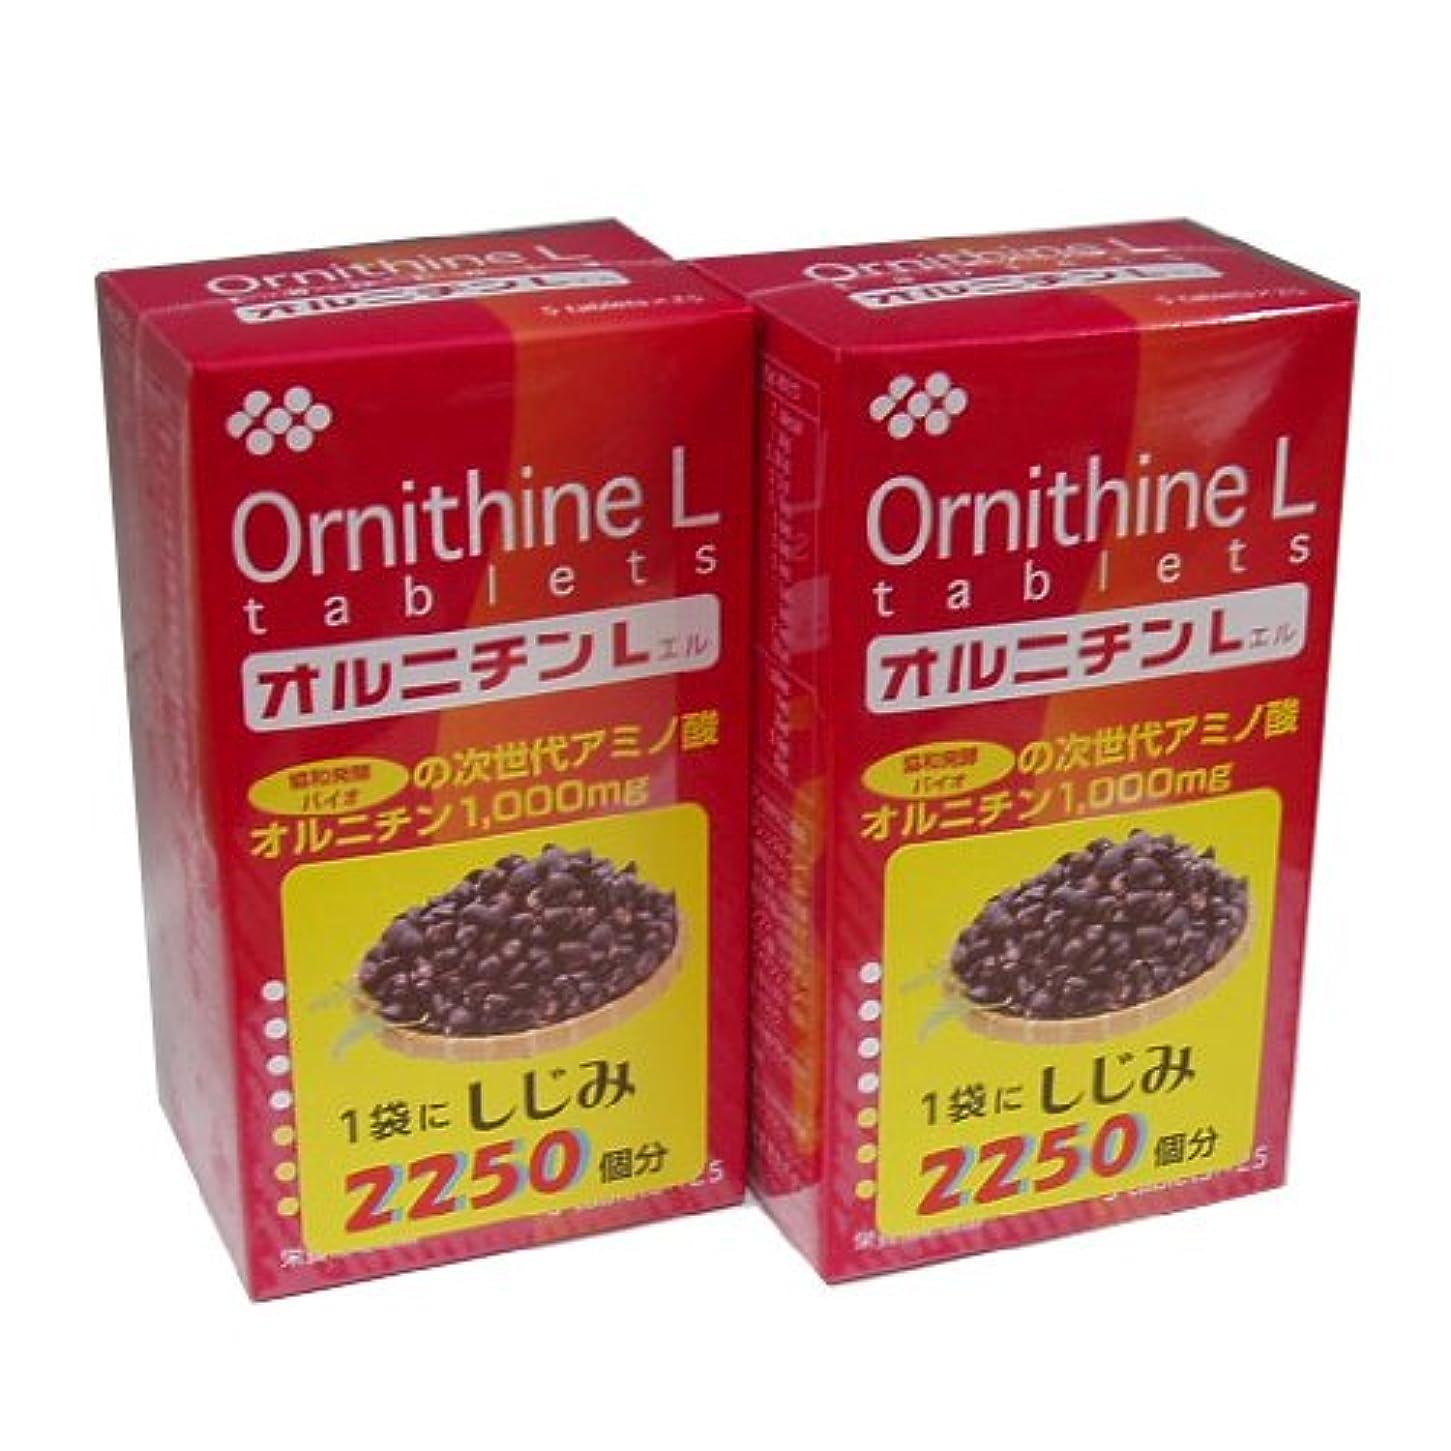 ペチコート撃退するキノコ伸和製薬オルニチンL (5粒×25袋)×2個セット